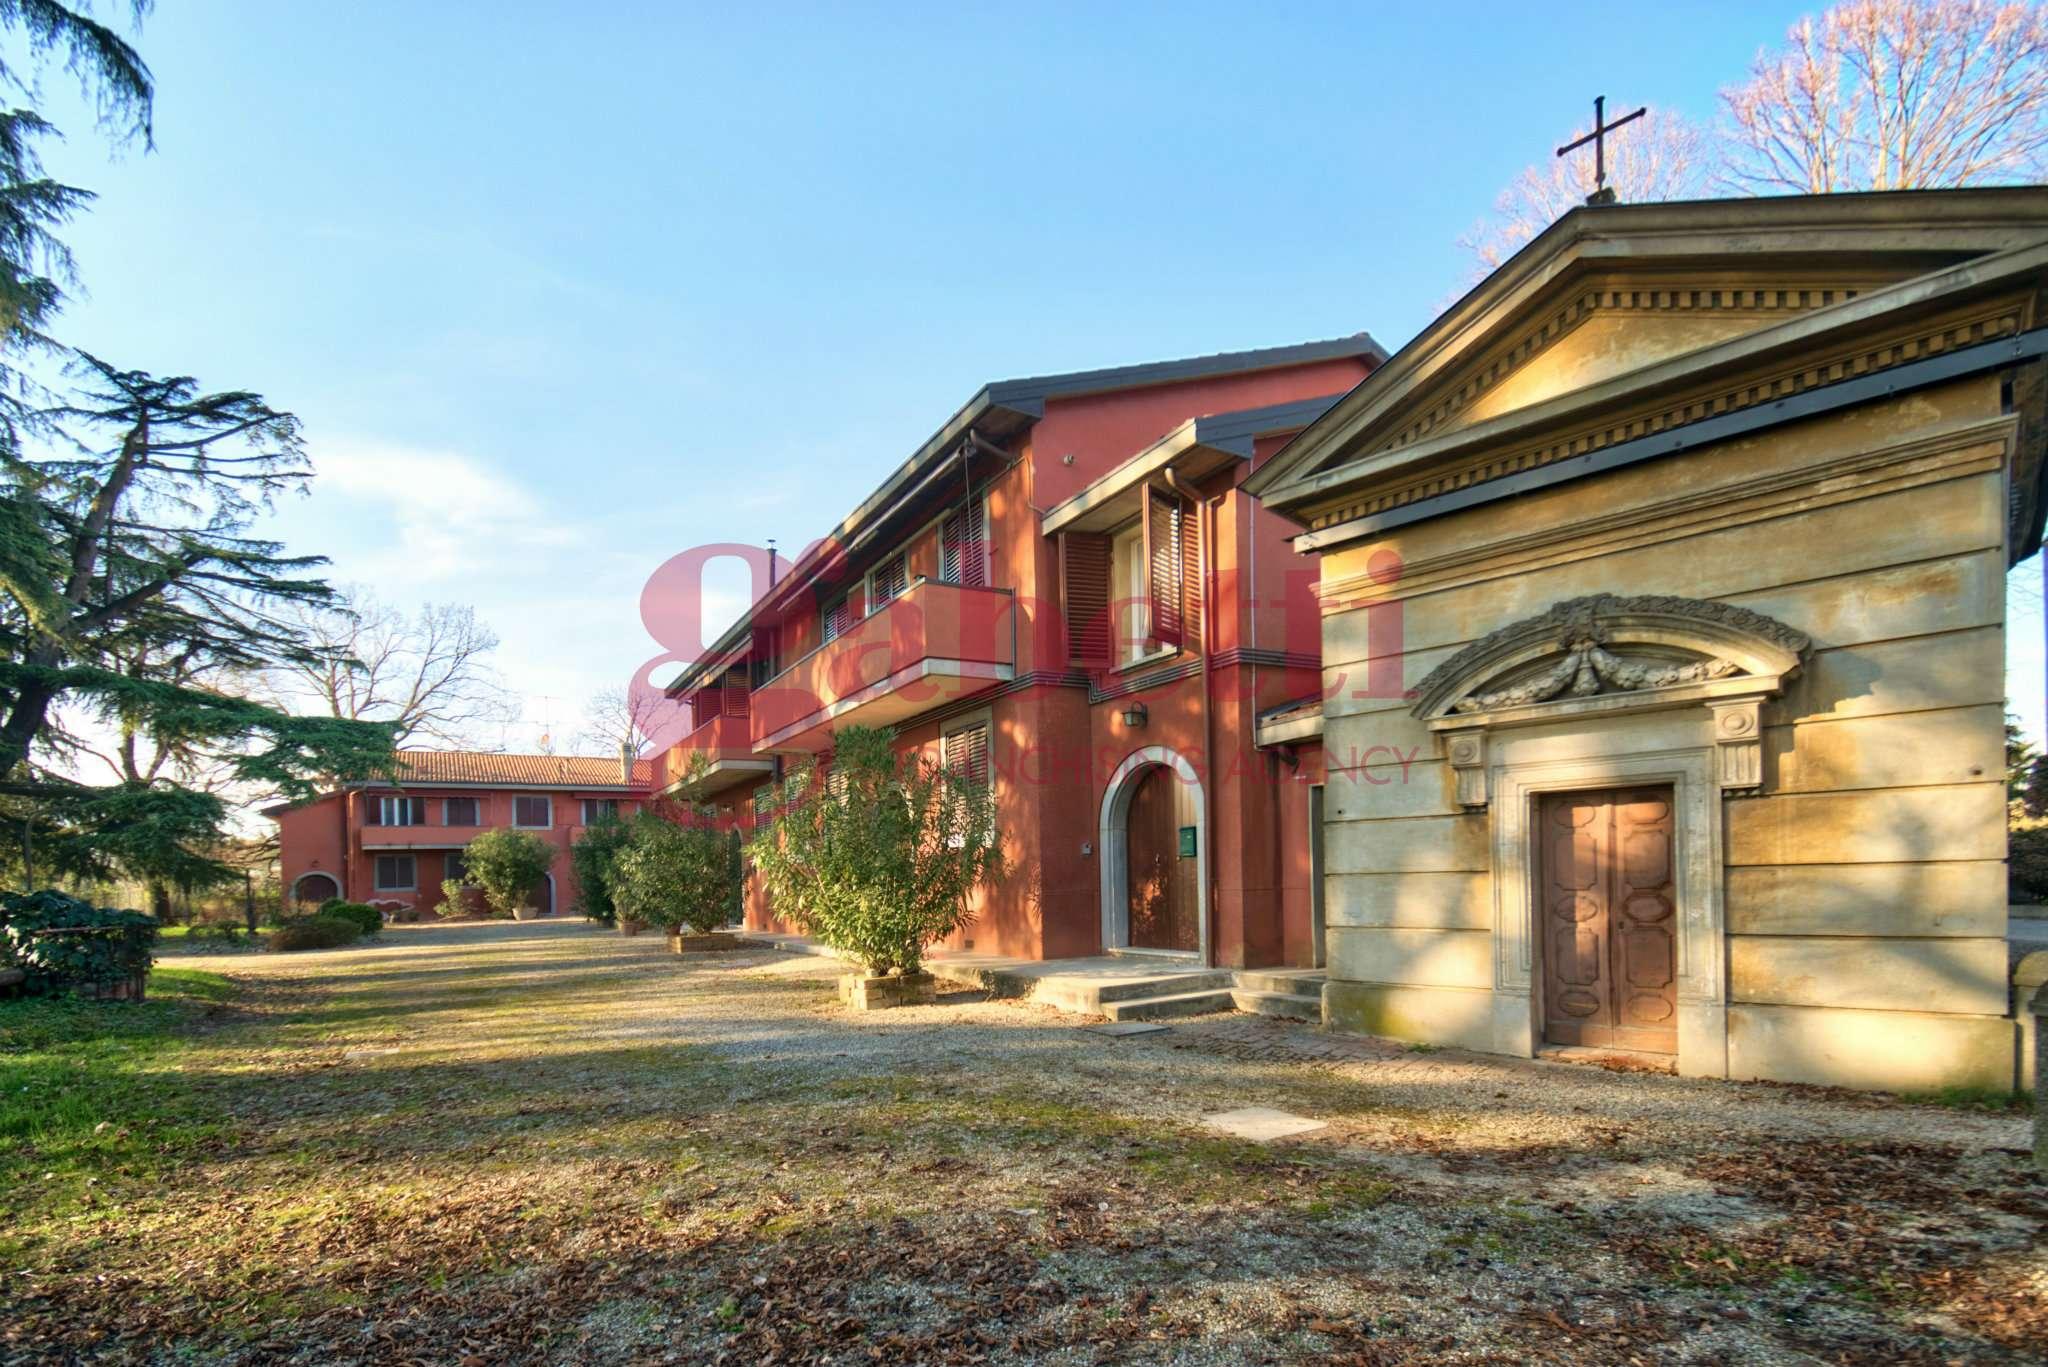 Appartamento in vendita a San Lazzaro di Savena, 6 locali, prezzo € 384.000 | PortaleAgenzieImmobiliari.it